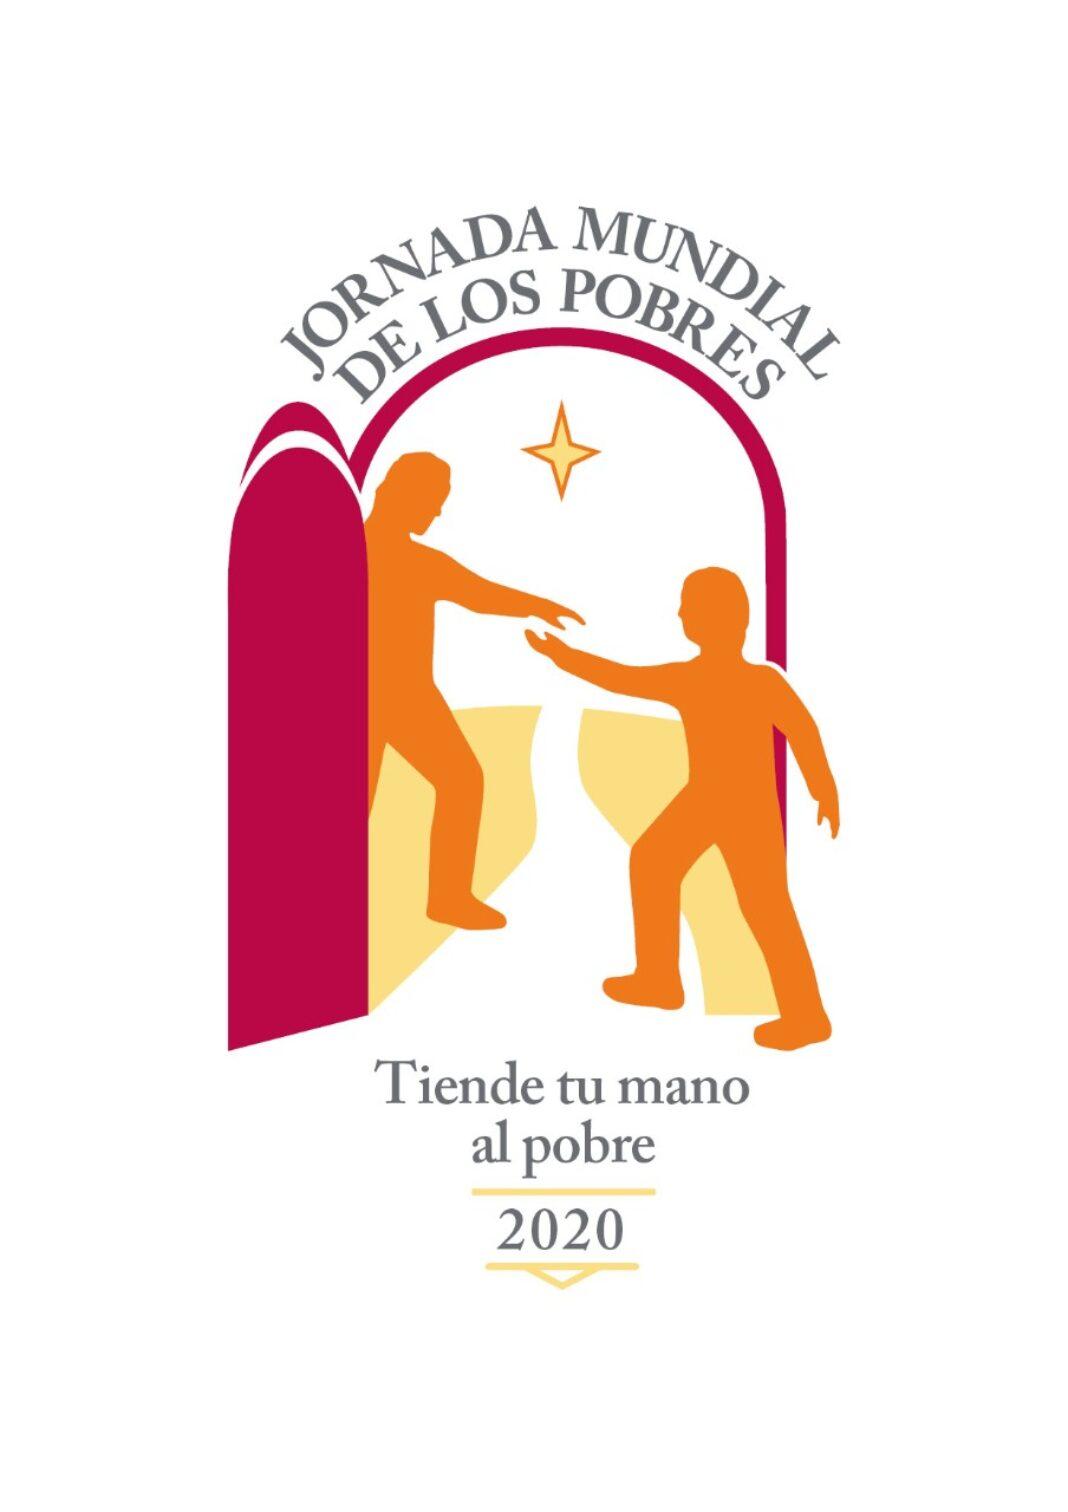 """jornada mundial de los pobres 1068x1512 - """"Tiende tu mano al pobre"""", Jornada Mundial de los Pobres 2020"""